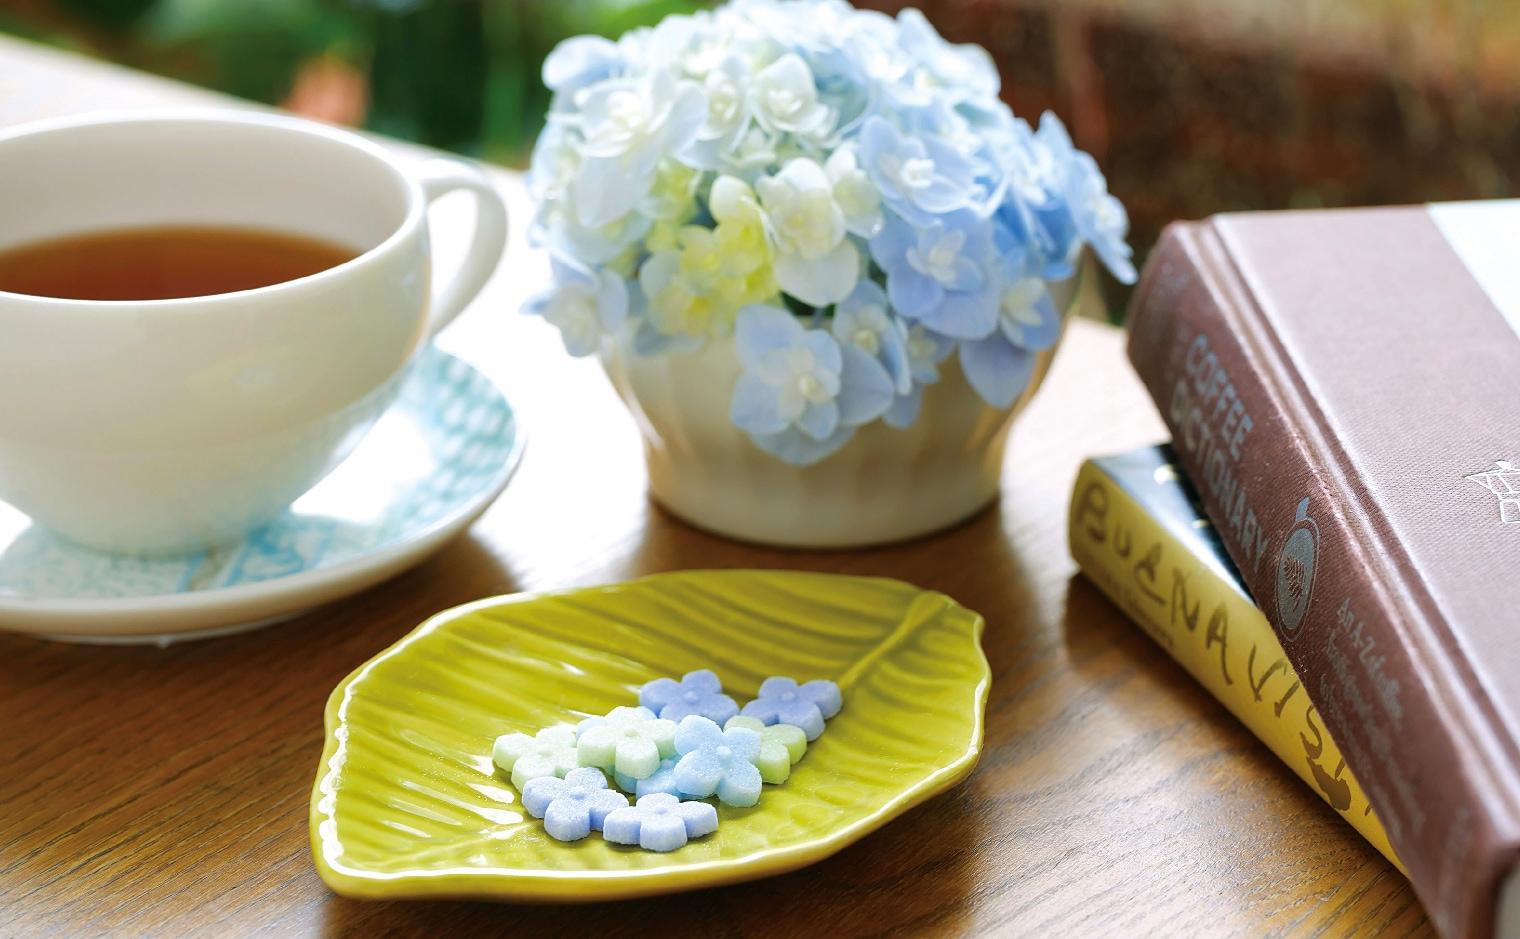 デザインシュガー,物語のある砂糖,かわいい,可愛い,角砂糖,紫陽花,あじさい,小路,梅雨,初夏